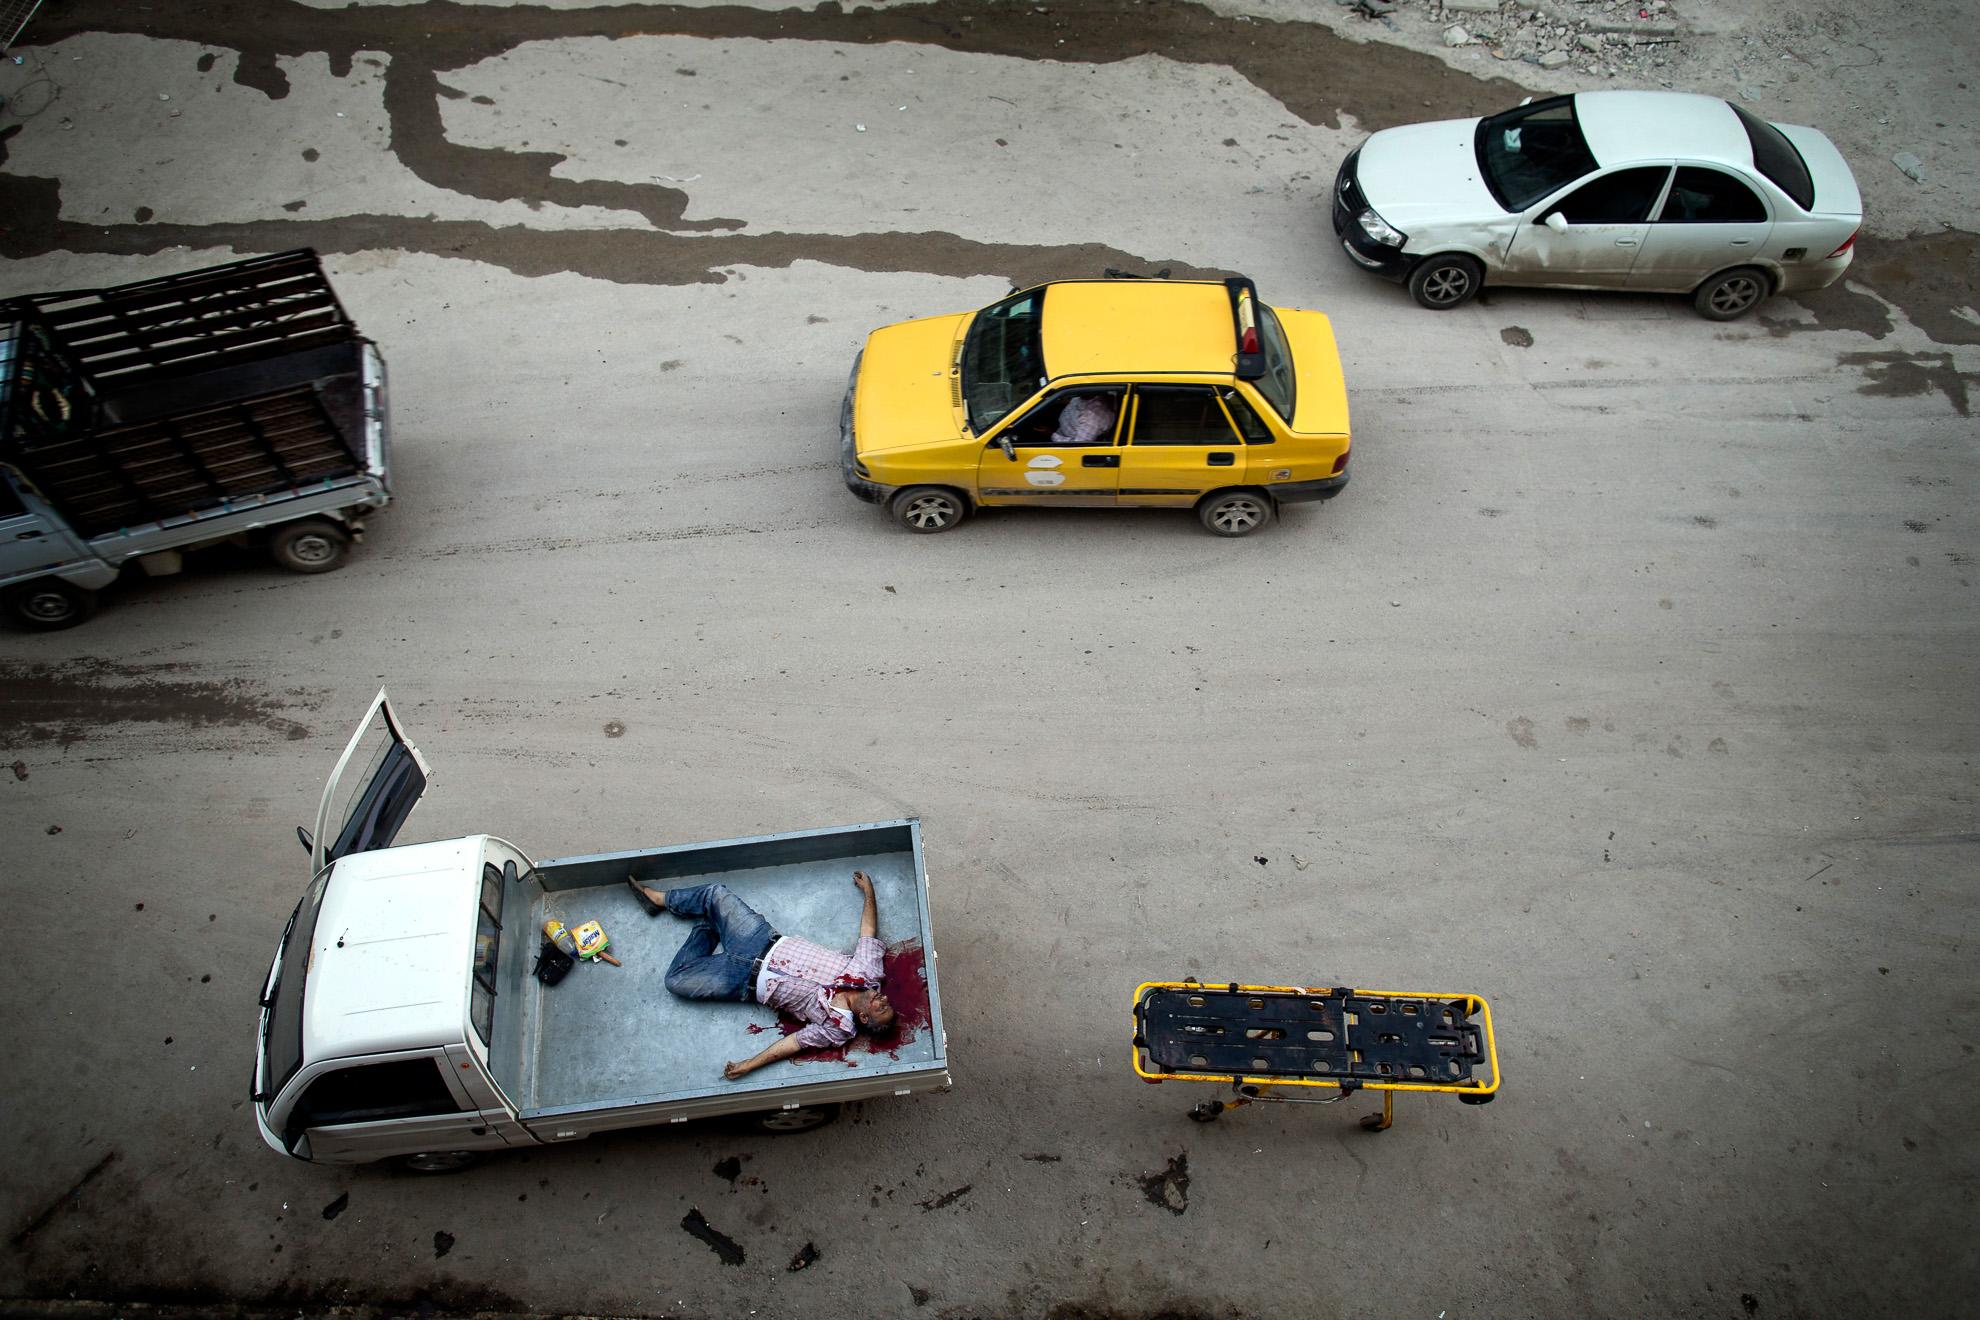 Alepo, Siria. 15-10-2012. Un civil muerto fuera del hospital de Dar al-Shifa en Alepo es depositado en una camioneta para llevarlo con su familia. Fue alcanzado por un francotirador.